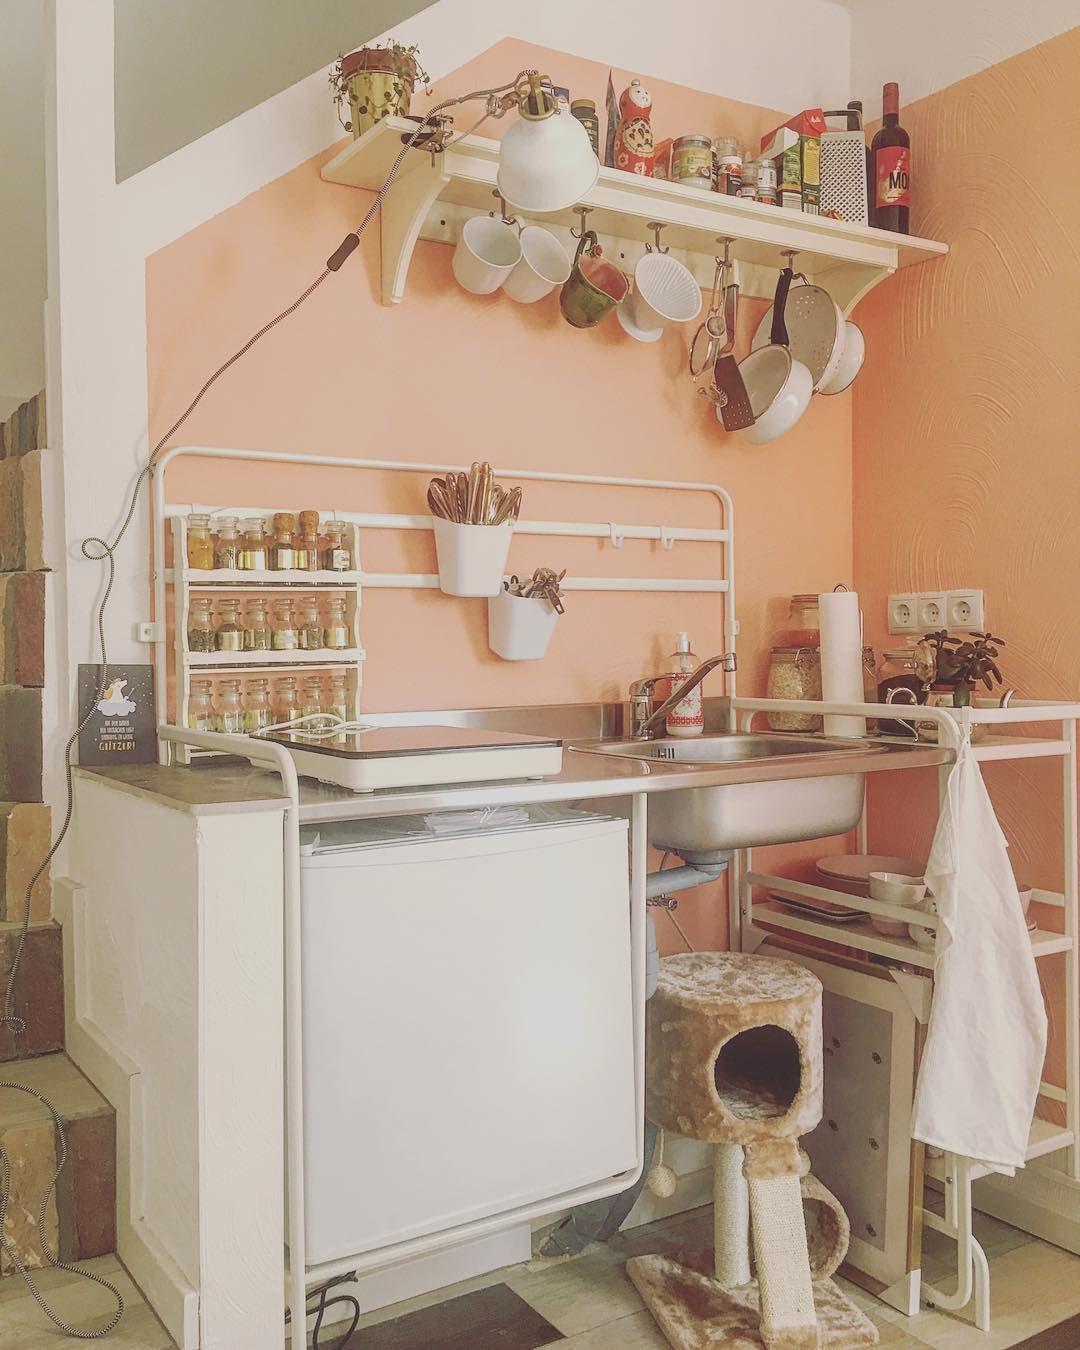 Full Size of Sunnersta Mini Kitchen Ikea Sofa Mit Schlaffunktion Modulküche Betten Bei Küche Kosten Kaufen 160x200 Miniküche Wohnzimmer Ikea Miniküchen